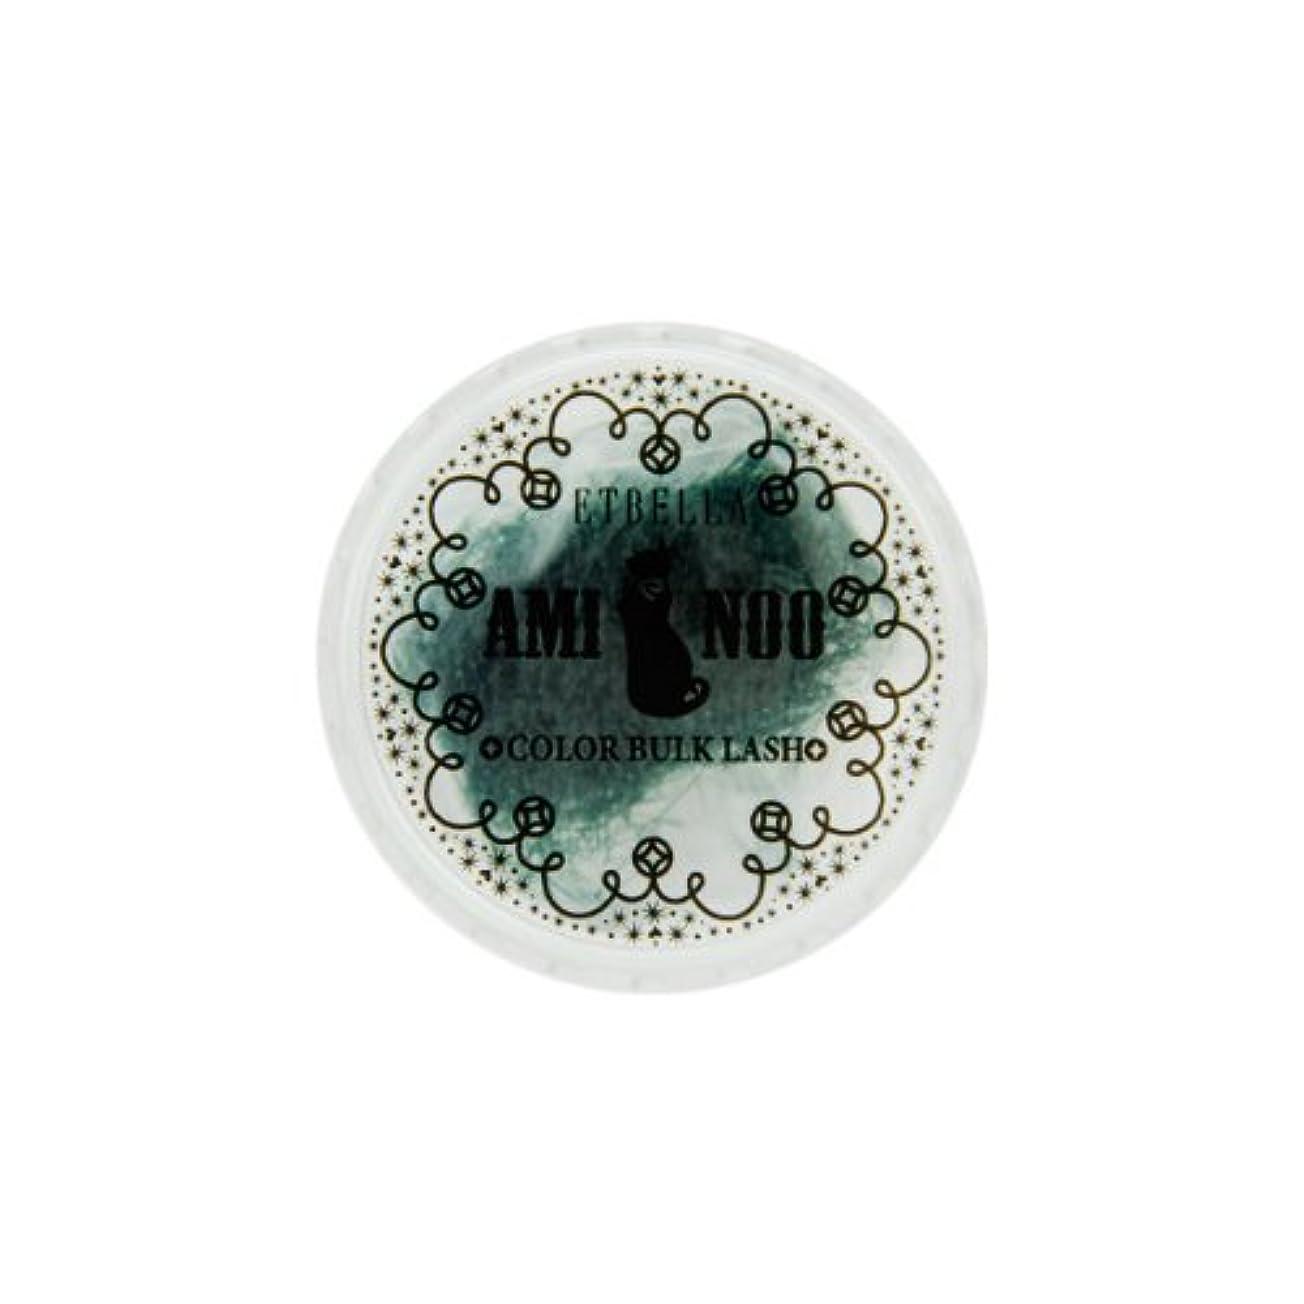 メータースプリットタブレットエトゥベラ アミヌ カラーラッシュ グリーン Jカール 太さ0.15mm×長さ10mm 0.2g